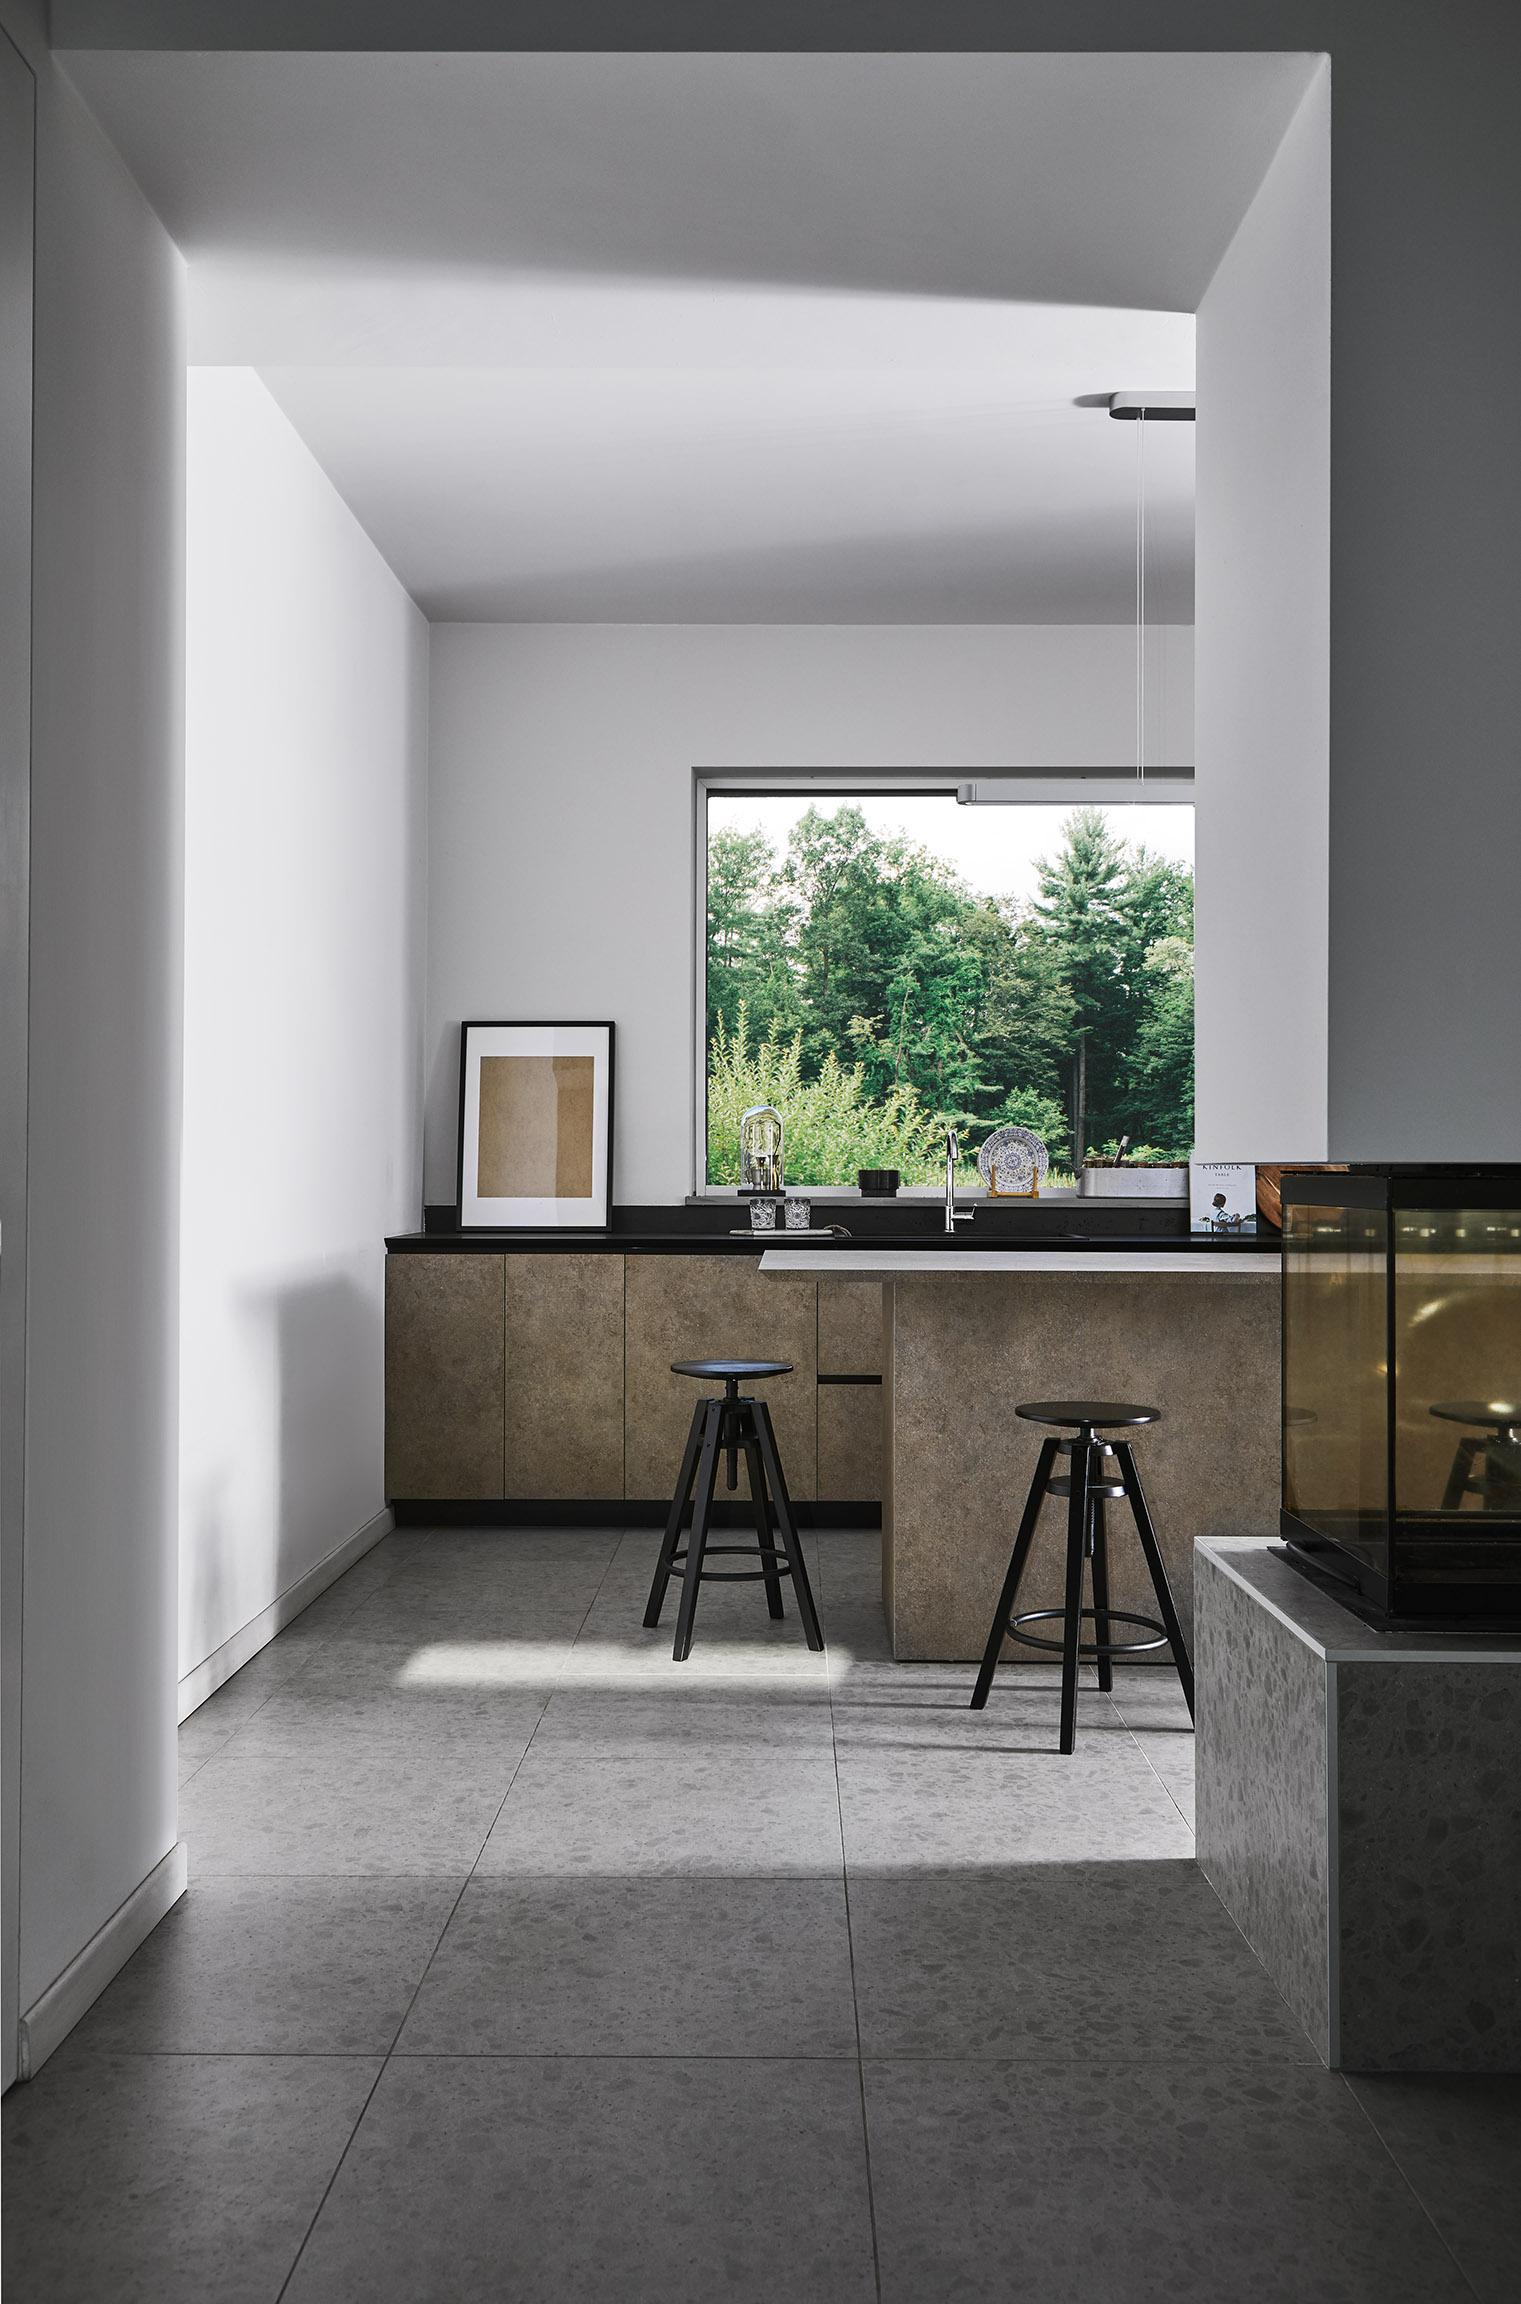 Altezza Dei Parapetti a new life for the granparents' house | fabio balzarotti